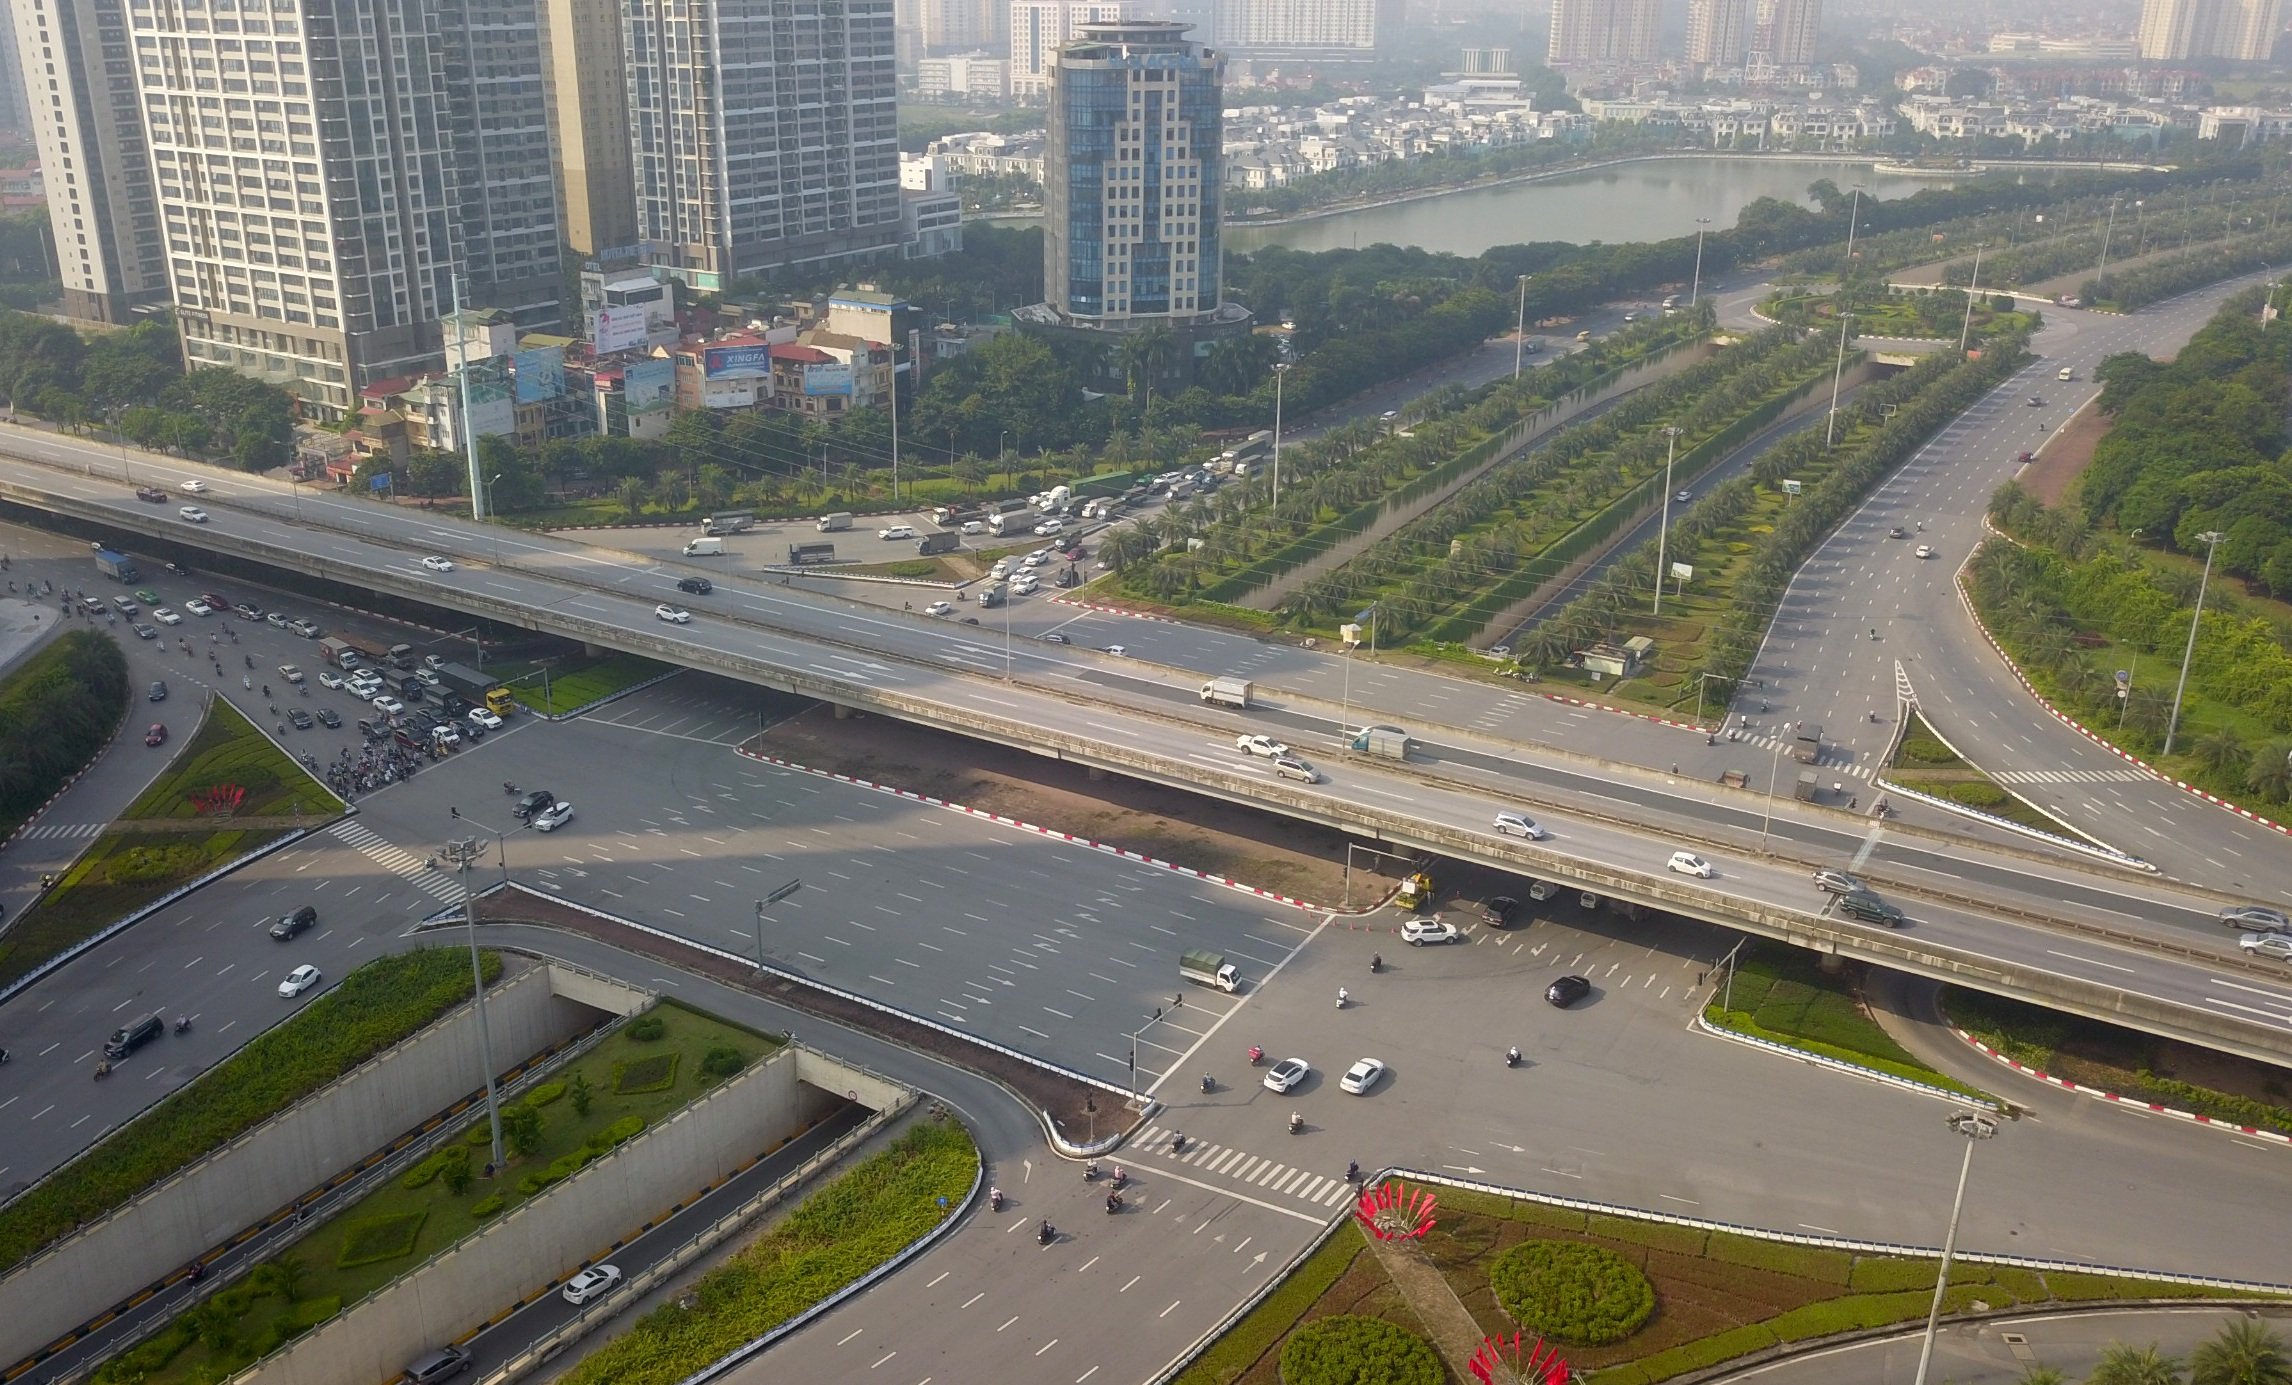 Đường phố tấp nập xe cộ sau khi TP Hà Nội bỏ quy định giấy đi đường - 13